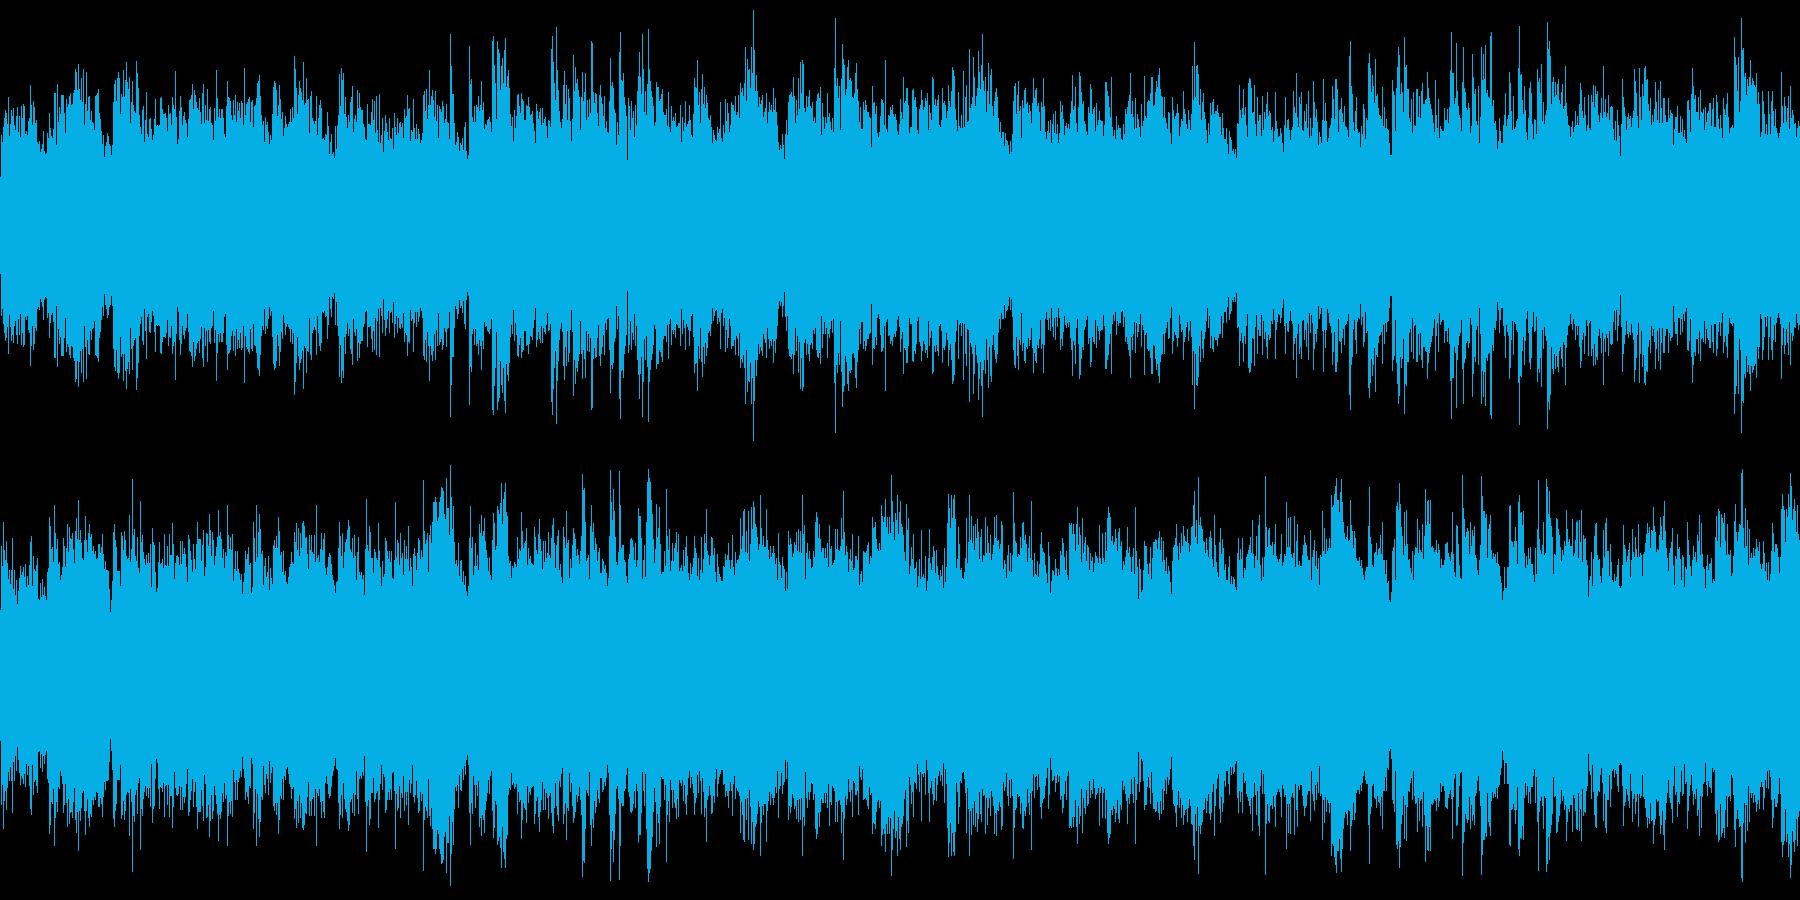 幻想的でやや暗い雰囲気のピアノループの再生済みの波形